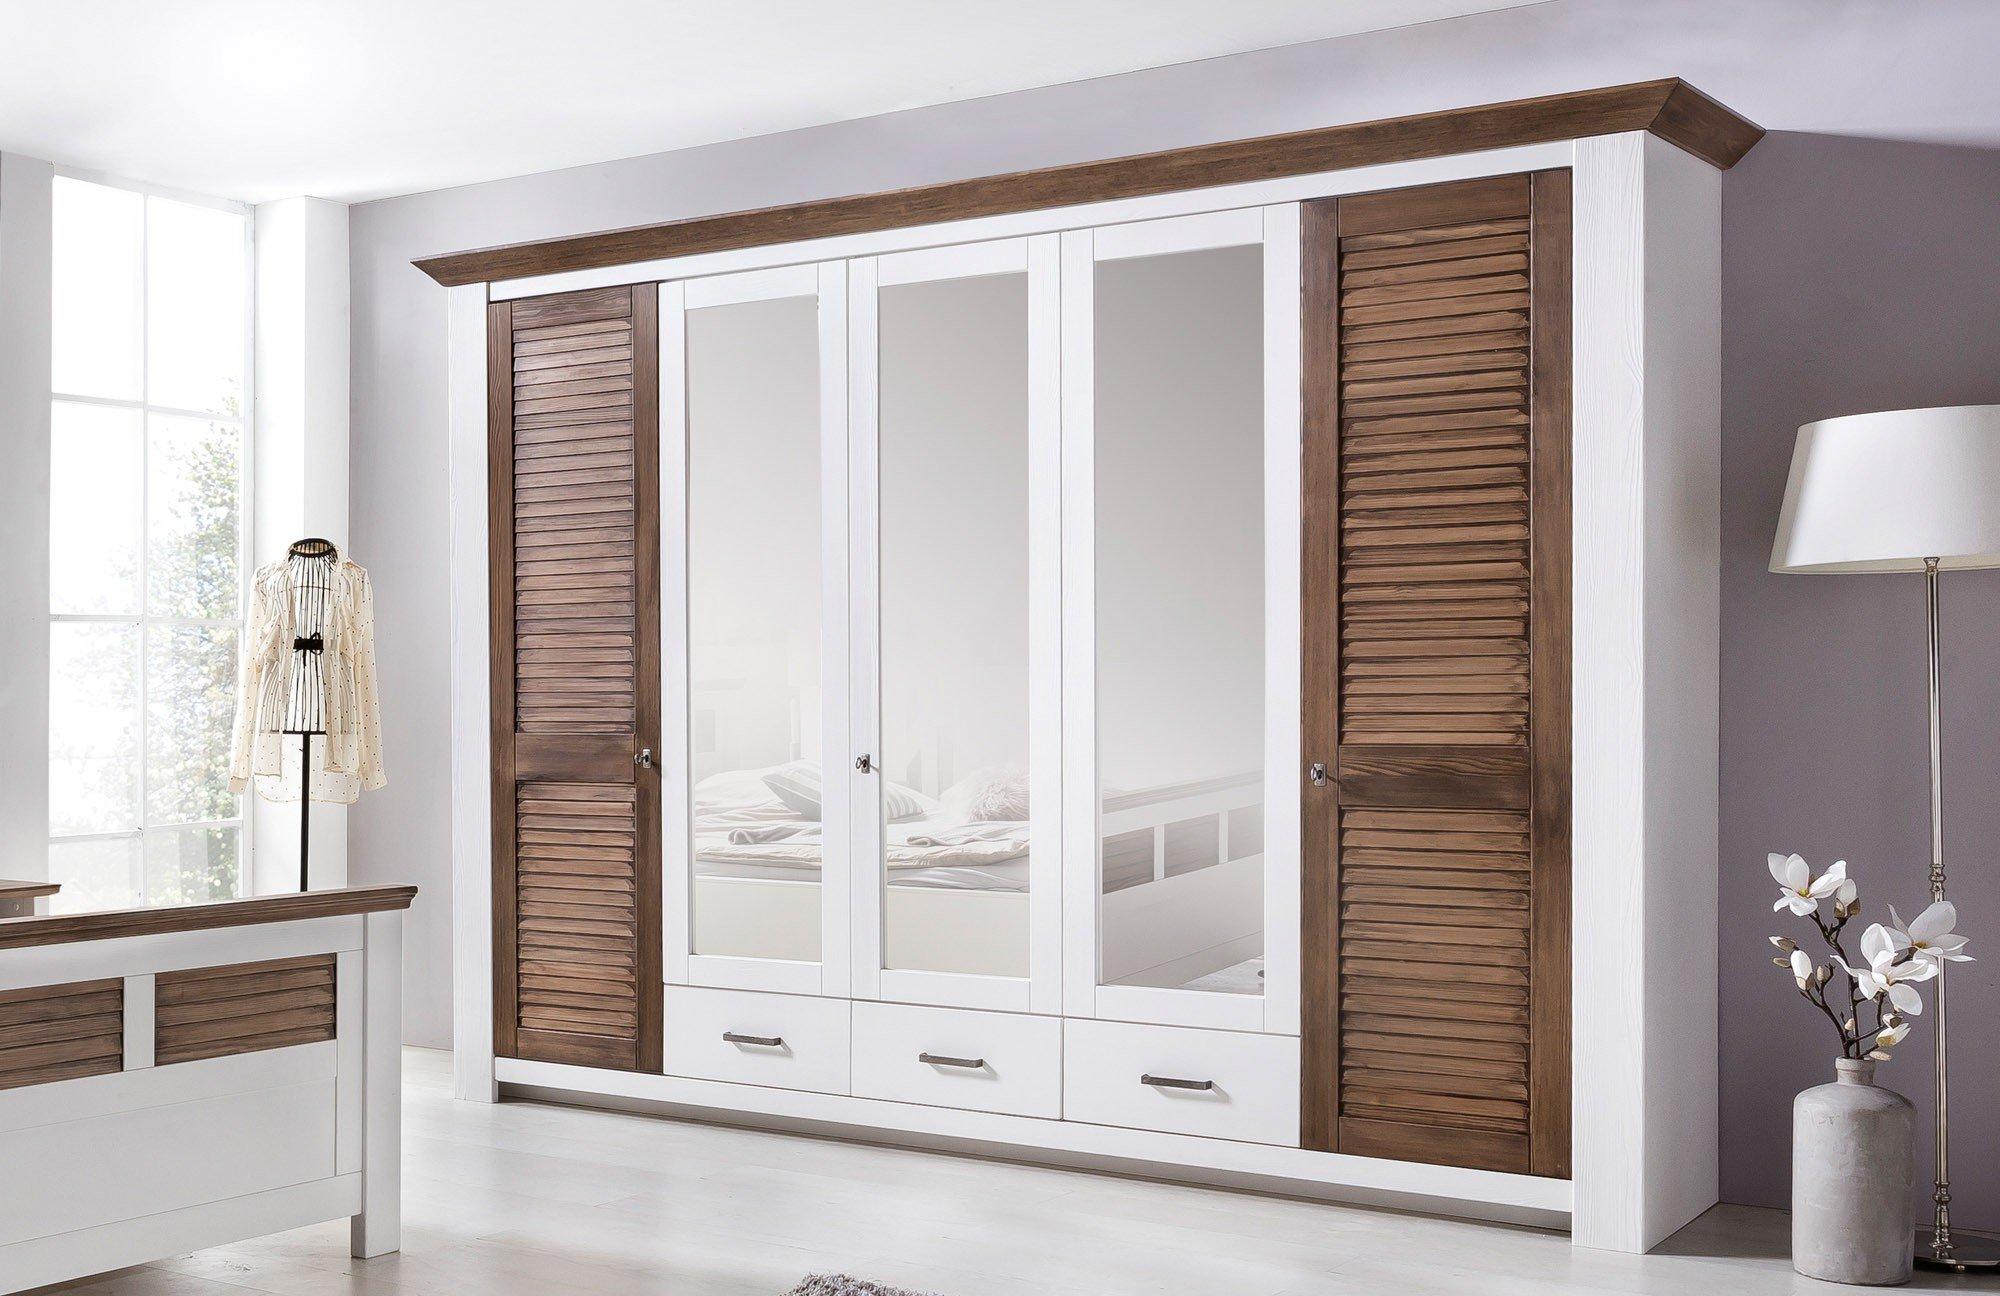 telmex laguna schlafzimmer set pinie wei m bel letz. Black Bedroom Furniture Sets. Home Design Ideas